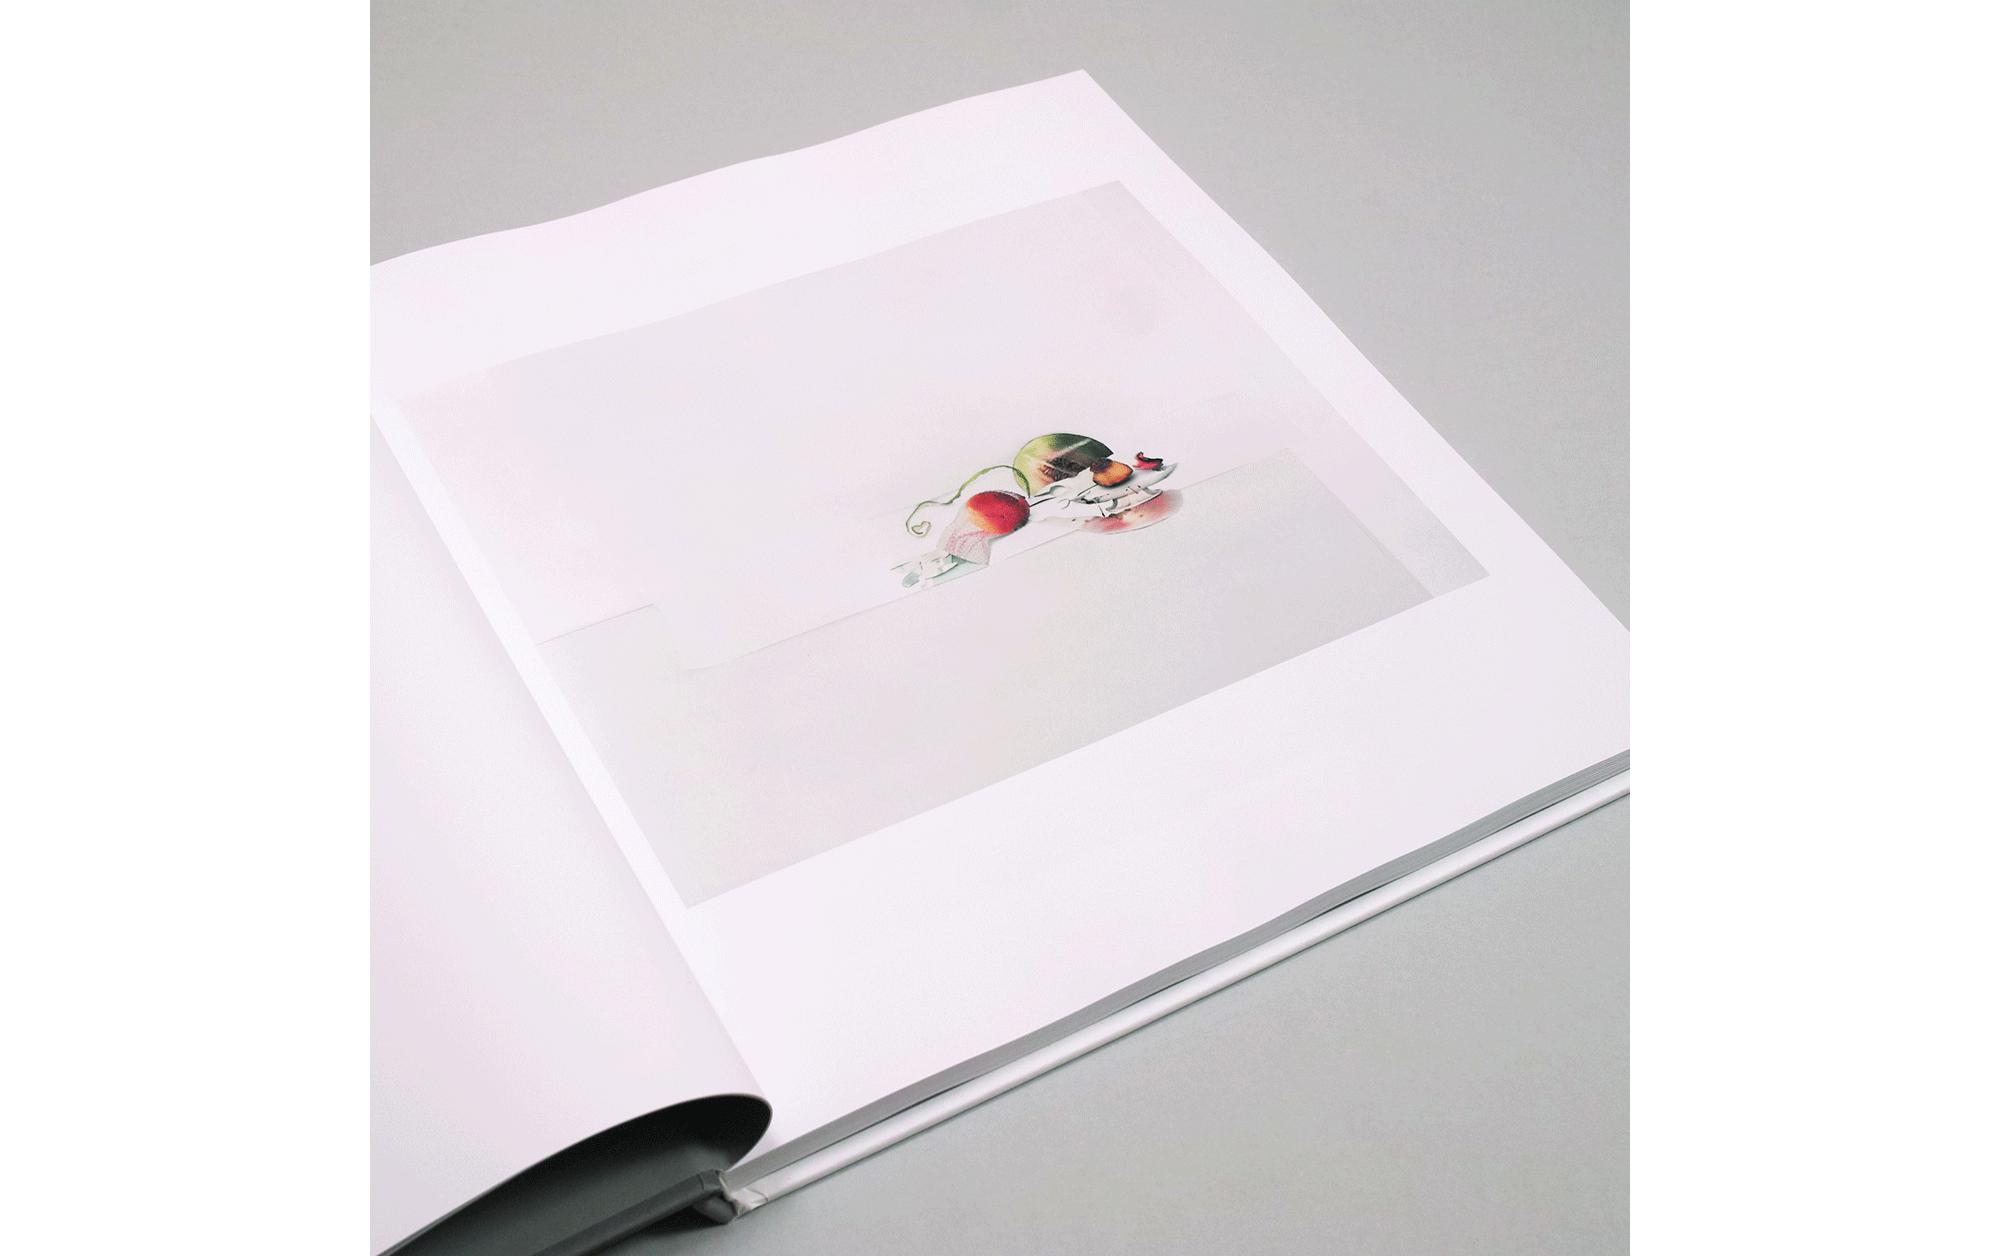 書店員がピックアップする9月のおすすめ写真集【POST編】 | ローラ・レティンスキー『Ill Form & Void Full』